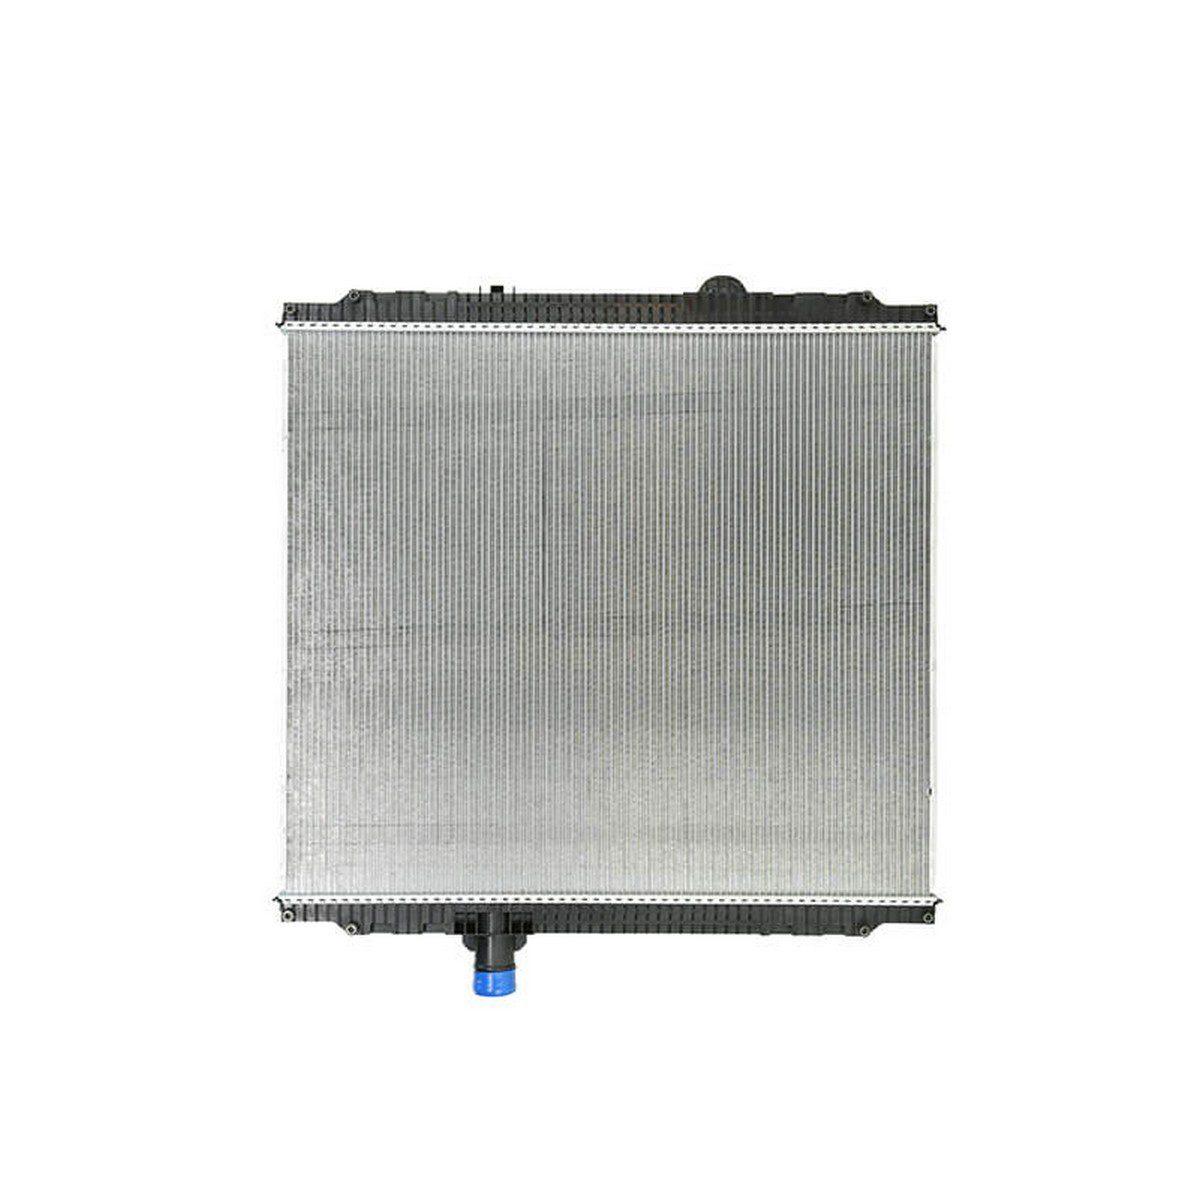 peterbilt kenwortht2000 peterbilt 367 08 14 radiator oem 559168